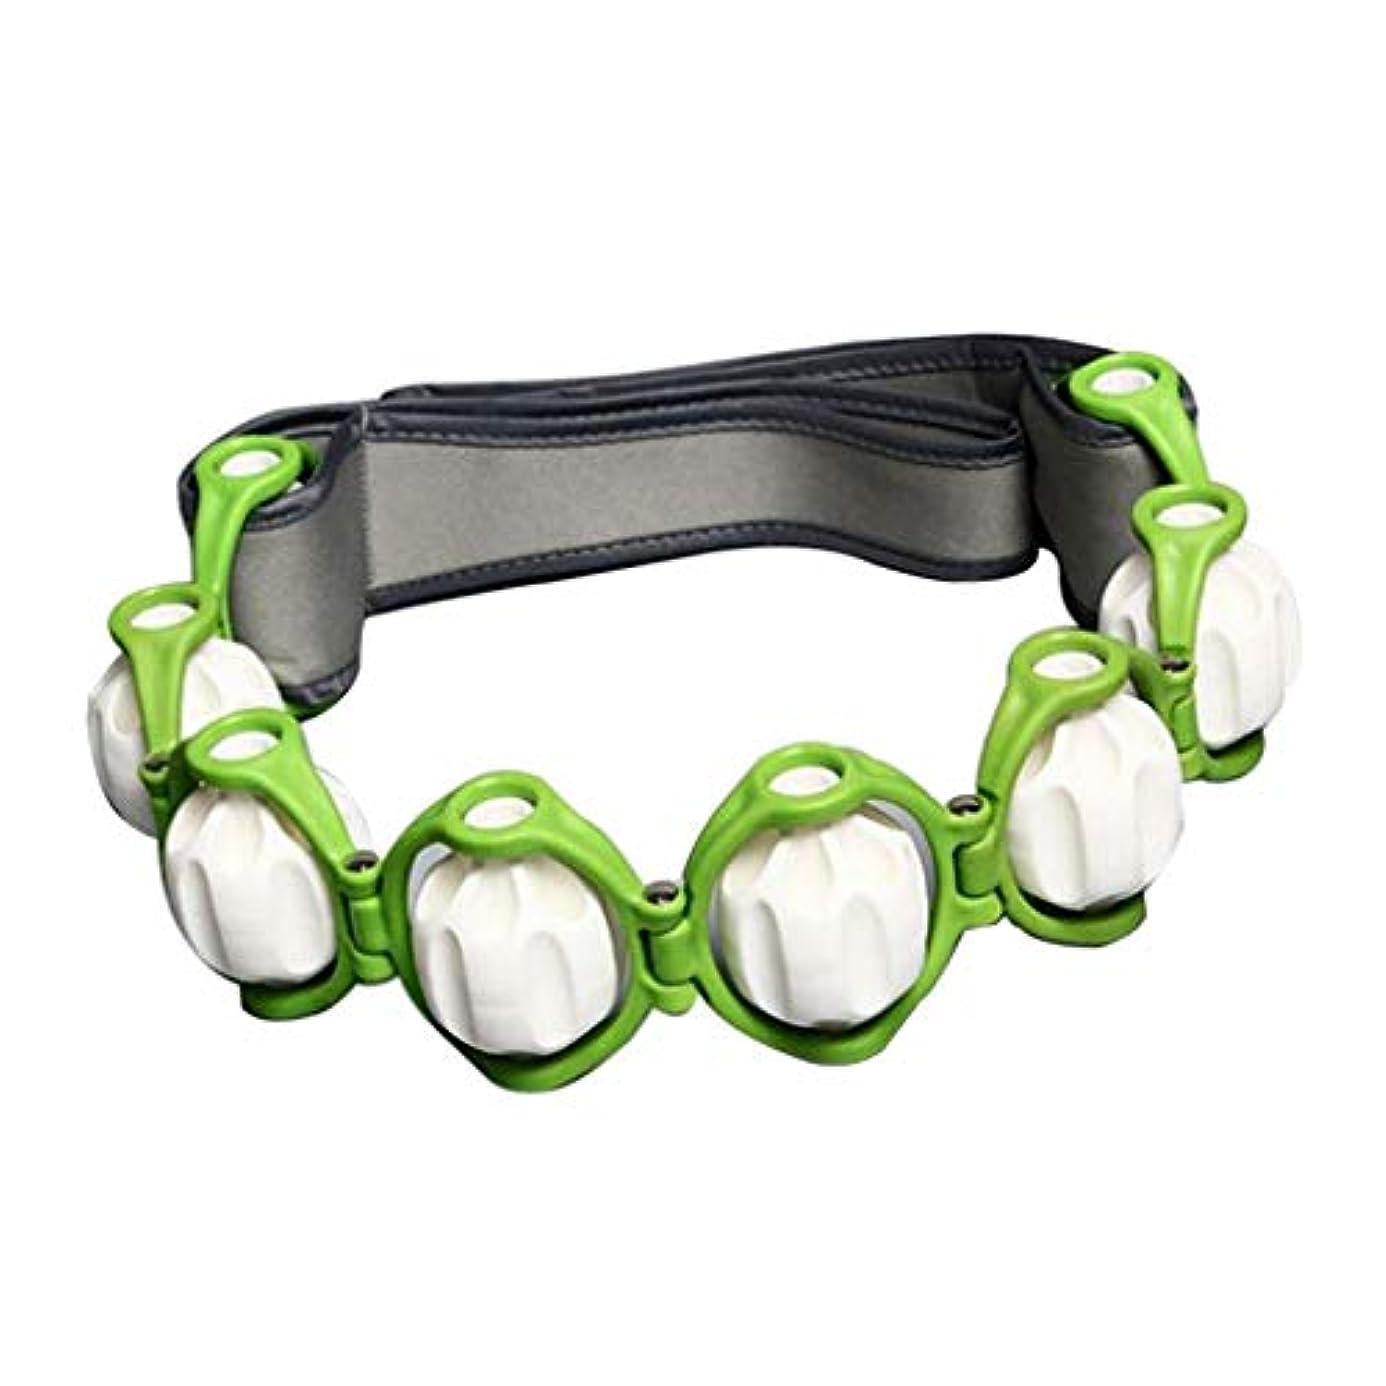 国籍ぴかぴかフルーツ野菜フルボディ - 多機能 - 痛みを軽減するためのハンドヘルドマッサージローラーロープ - 緑, 説明したように